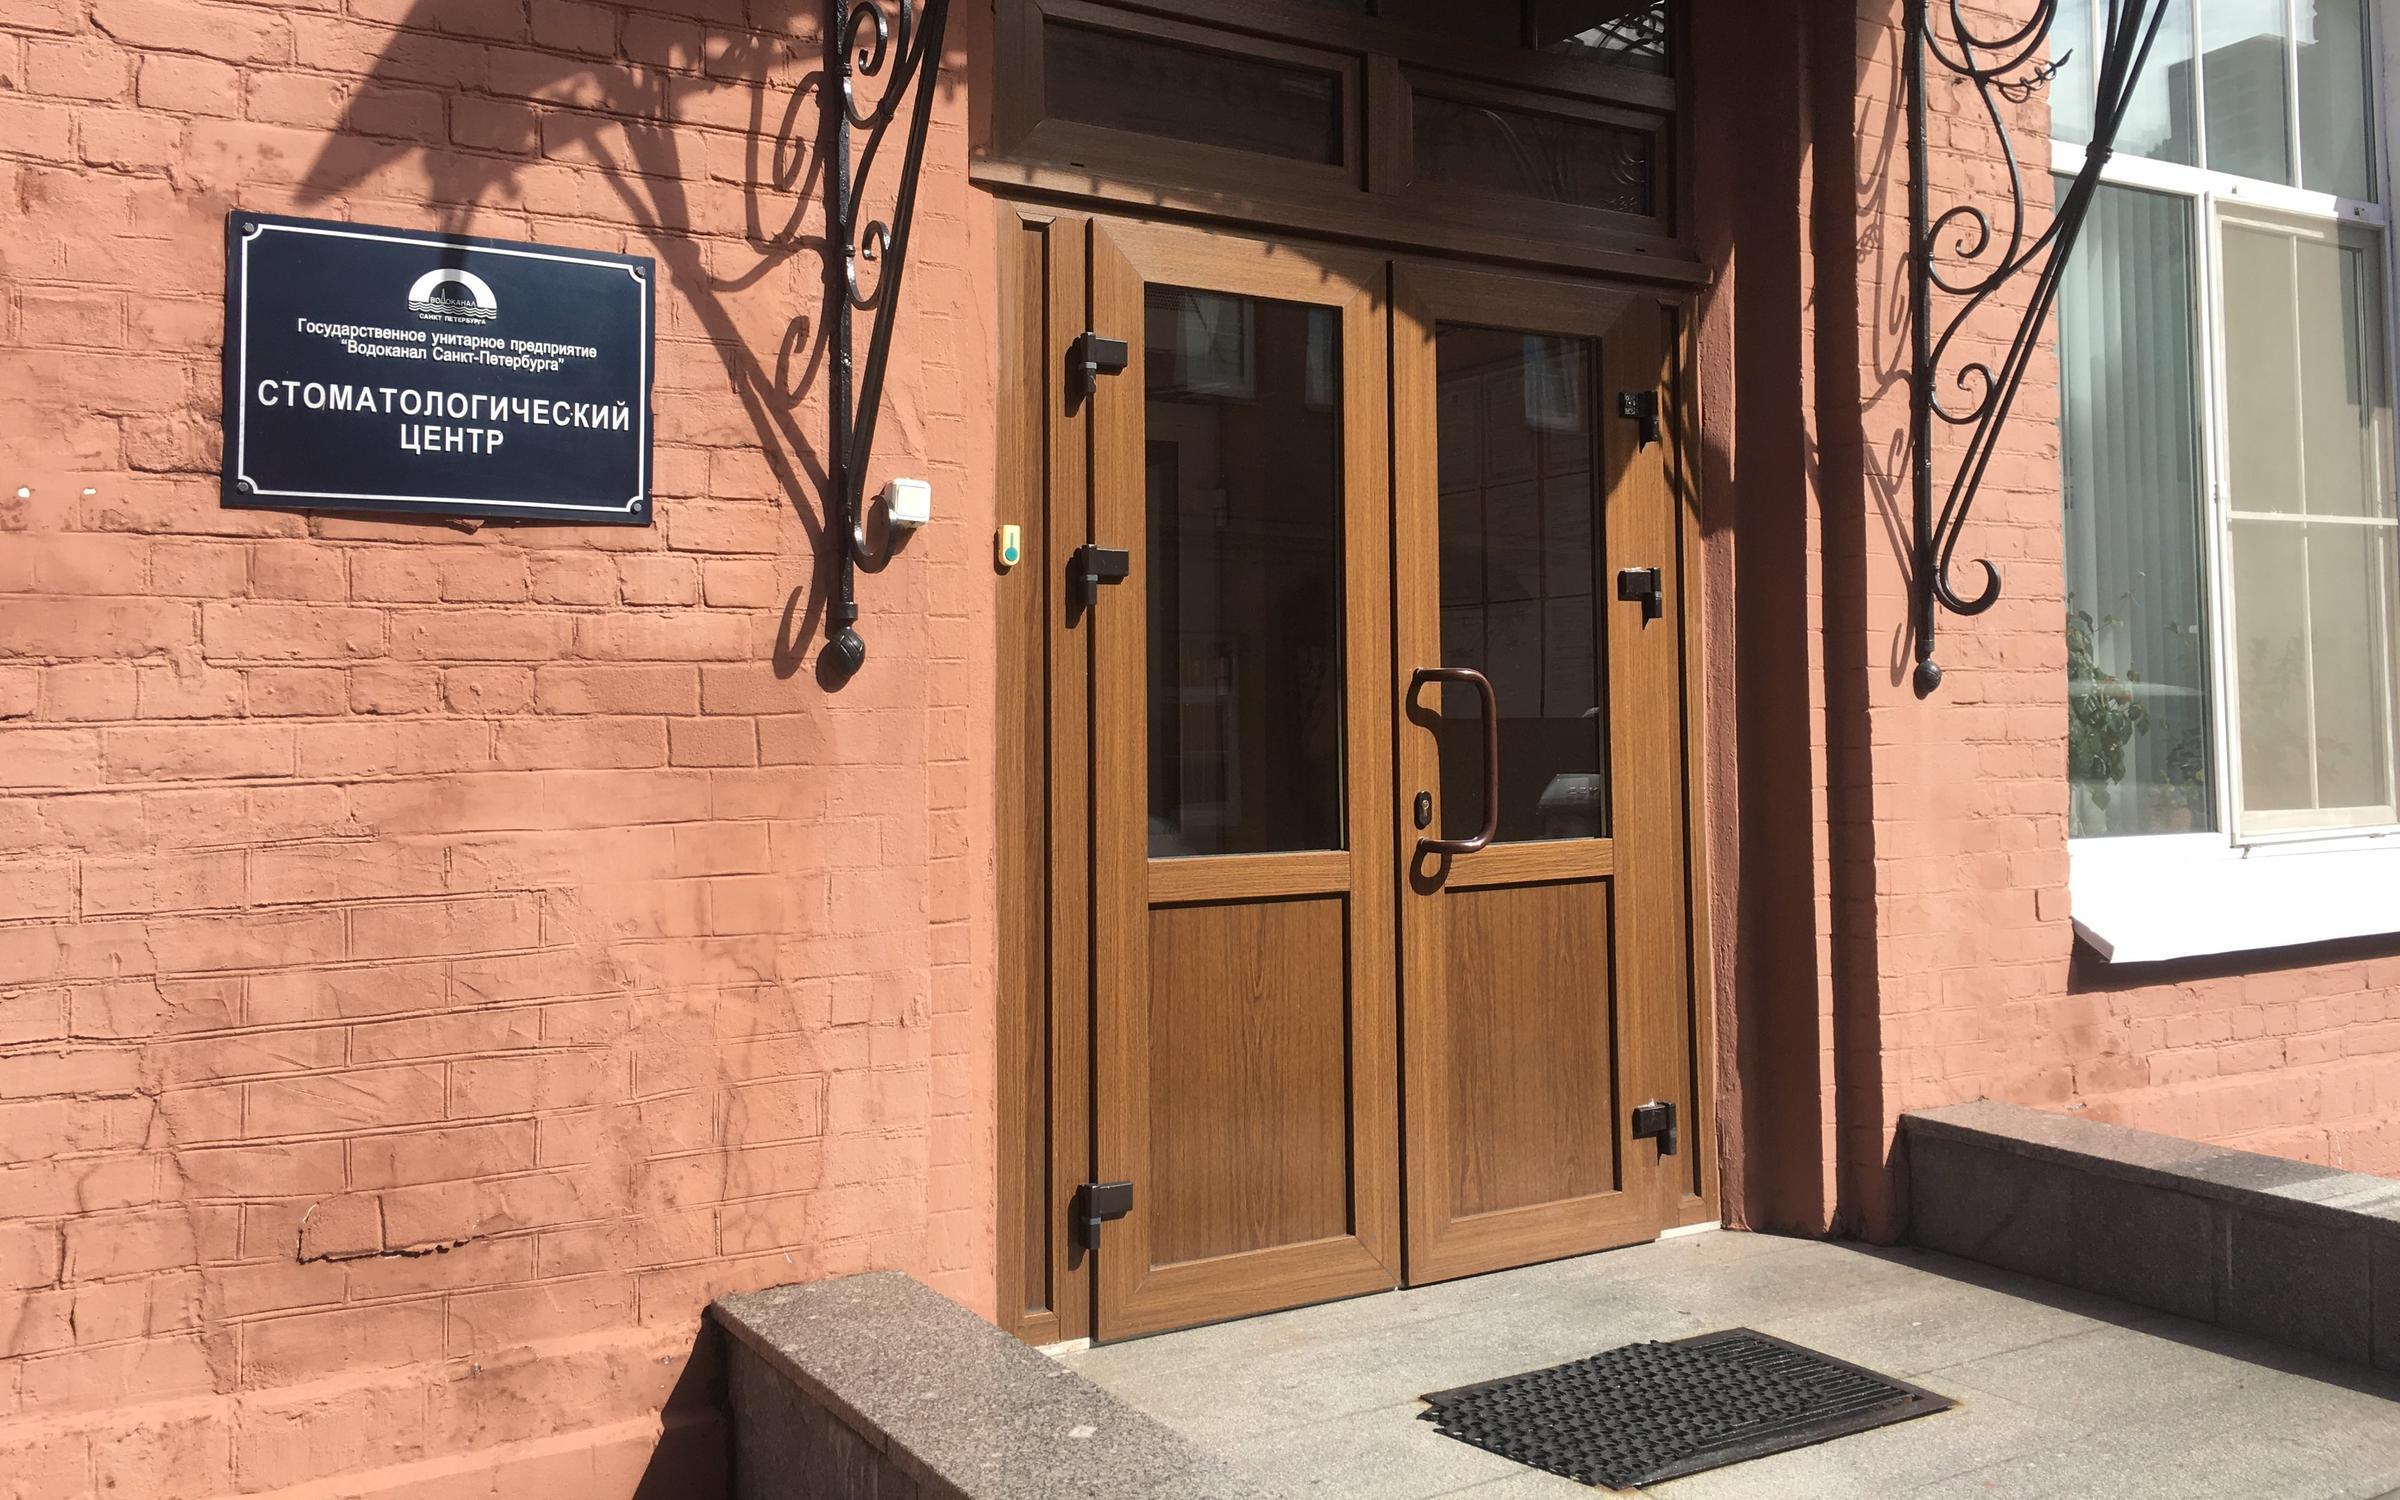 фотография Медико-санитарной части ГУП Водоканал Санкт-Петербурга на Шпалерной улице